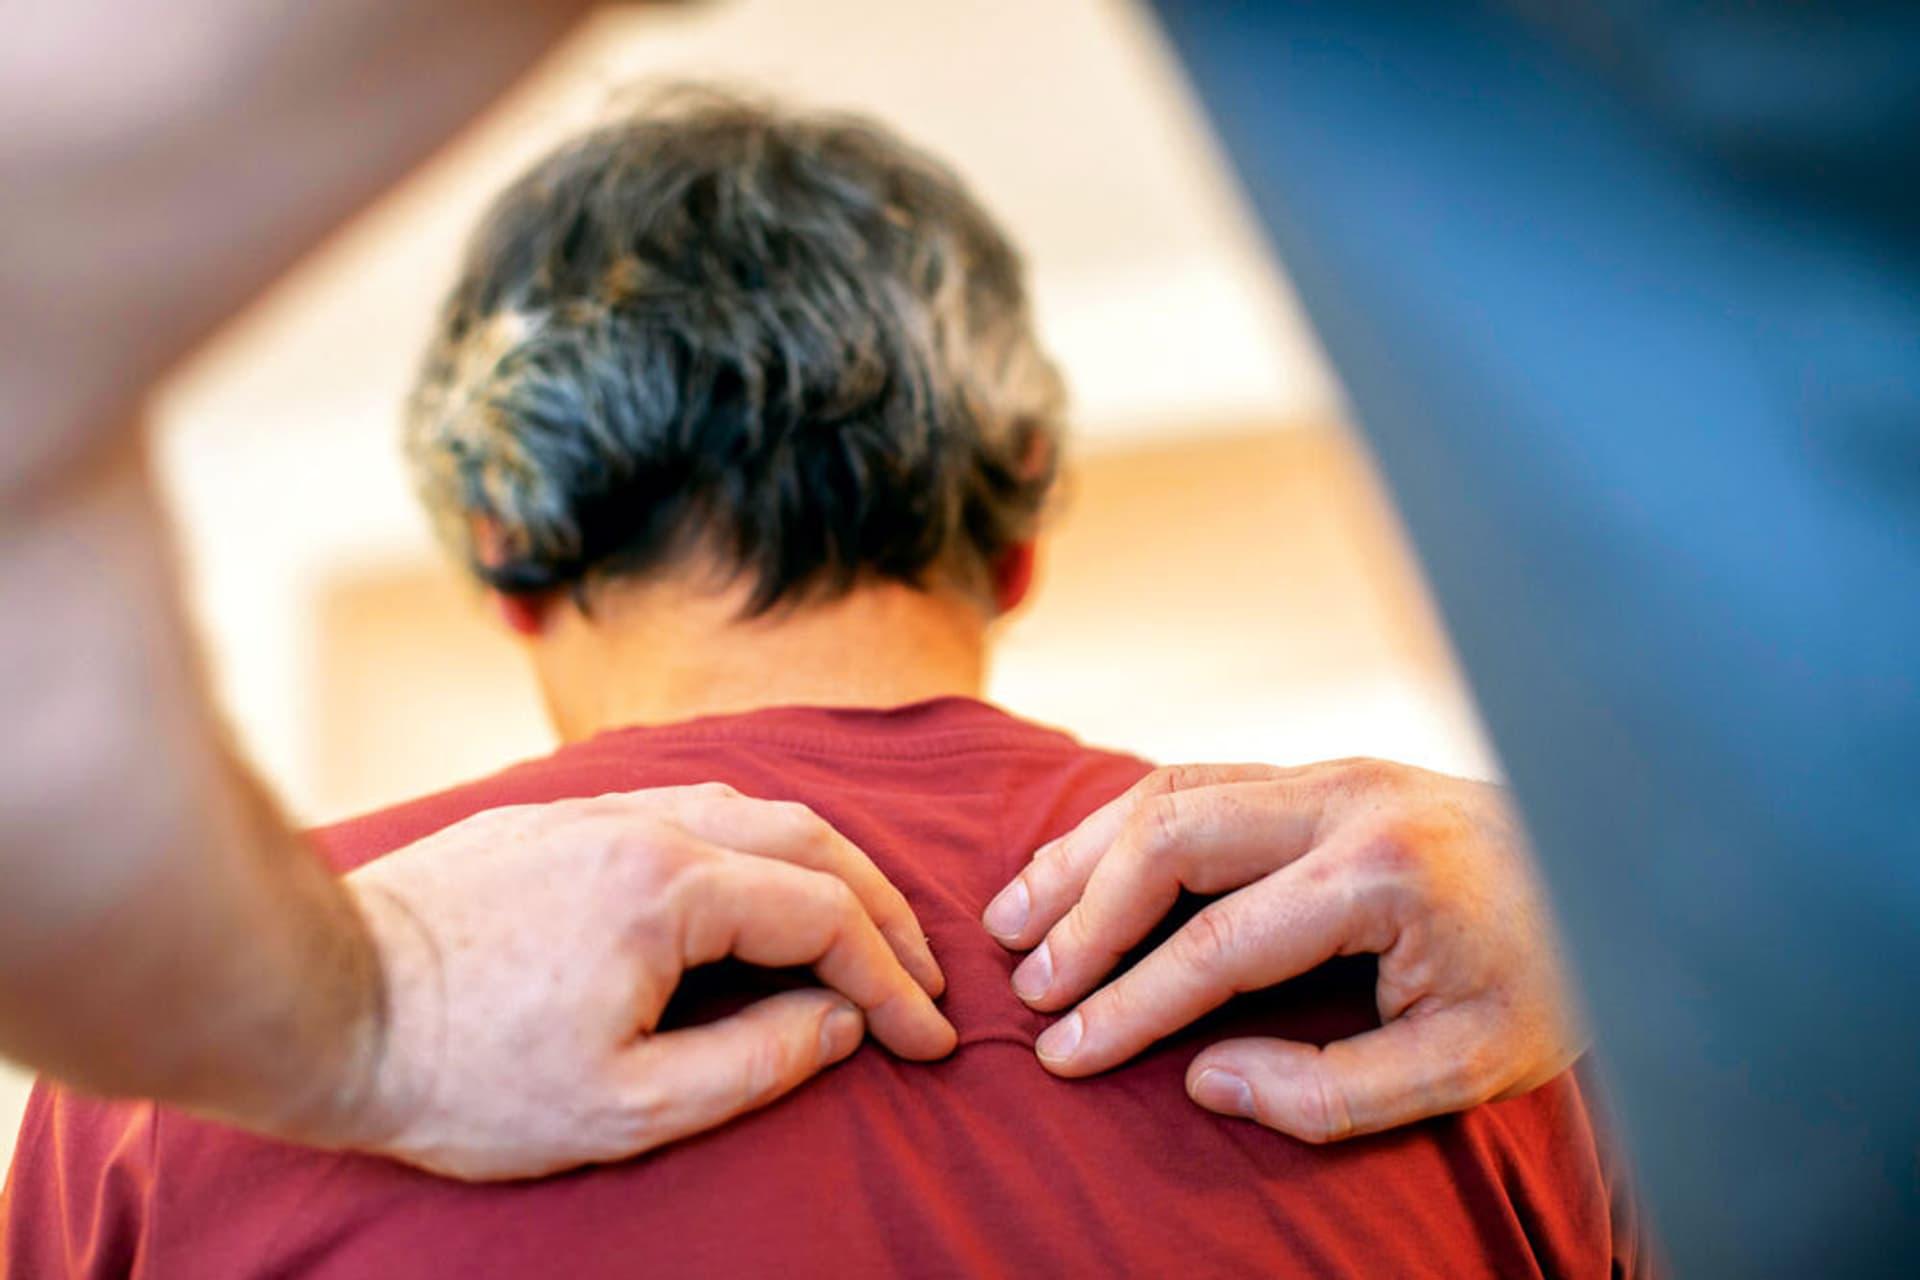 Der Chiropraktiker drückt sanft auf die Brustwirbelsäule des Patienten